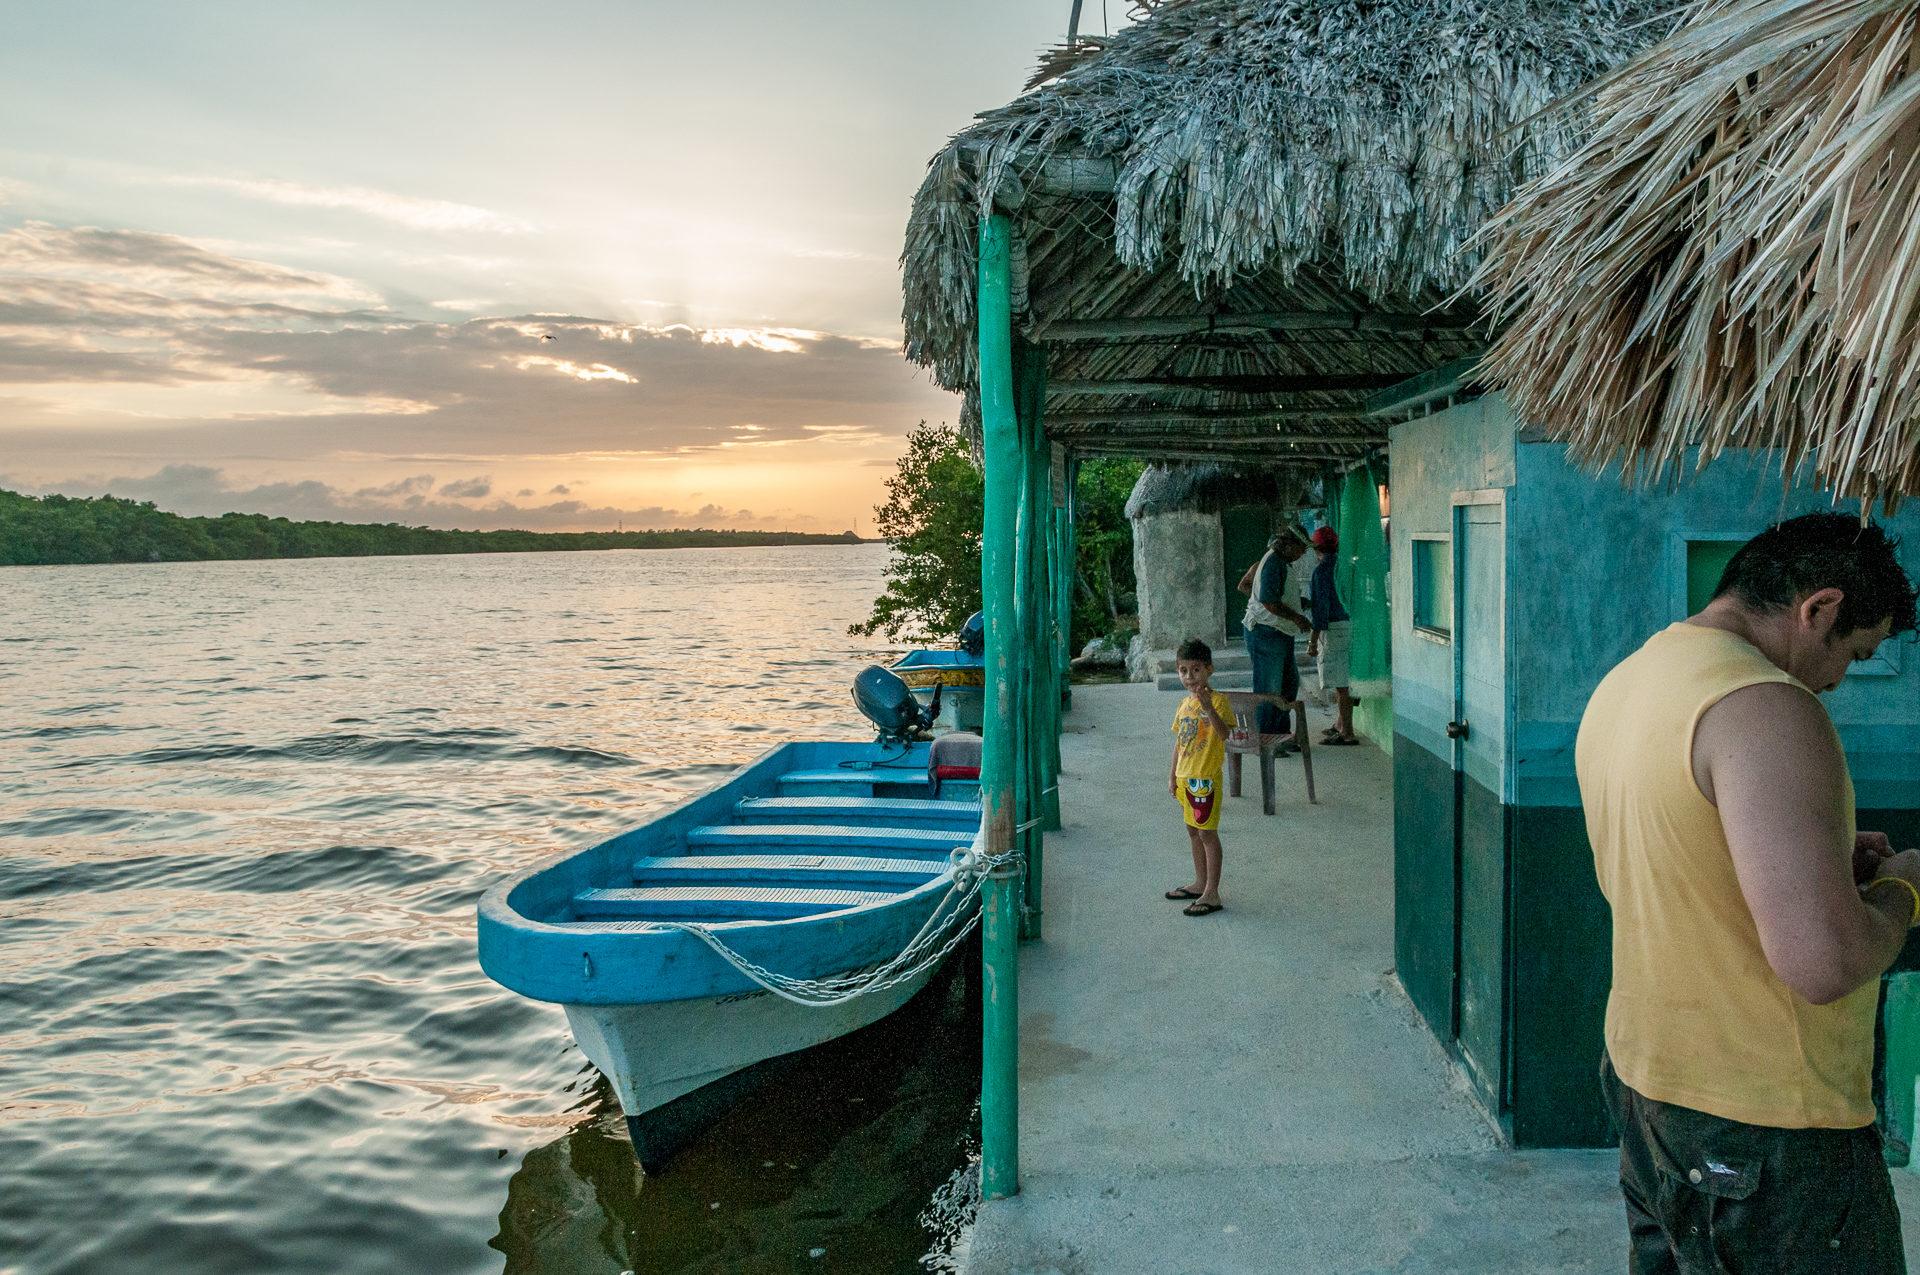 Mit dem Boot geht es zu El Corchito